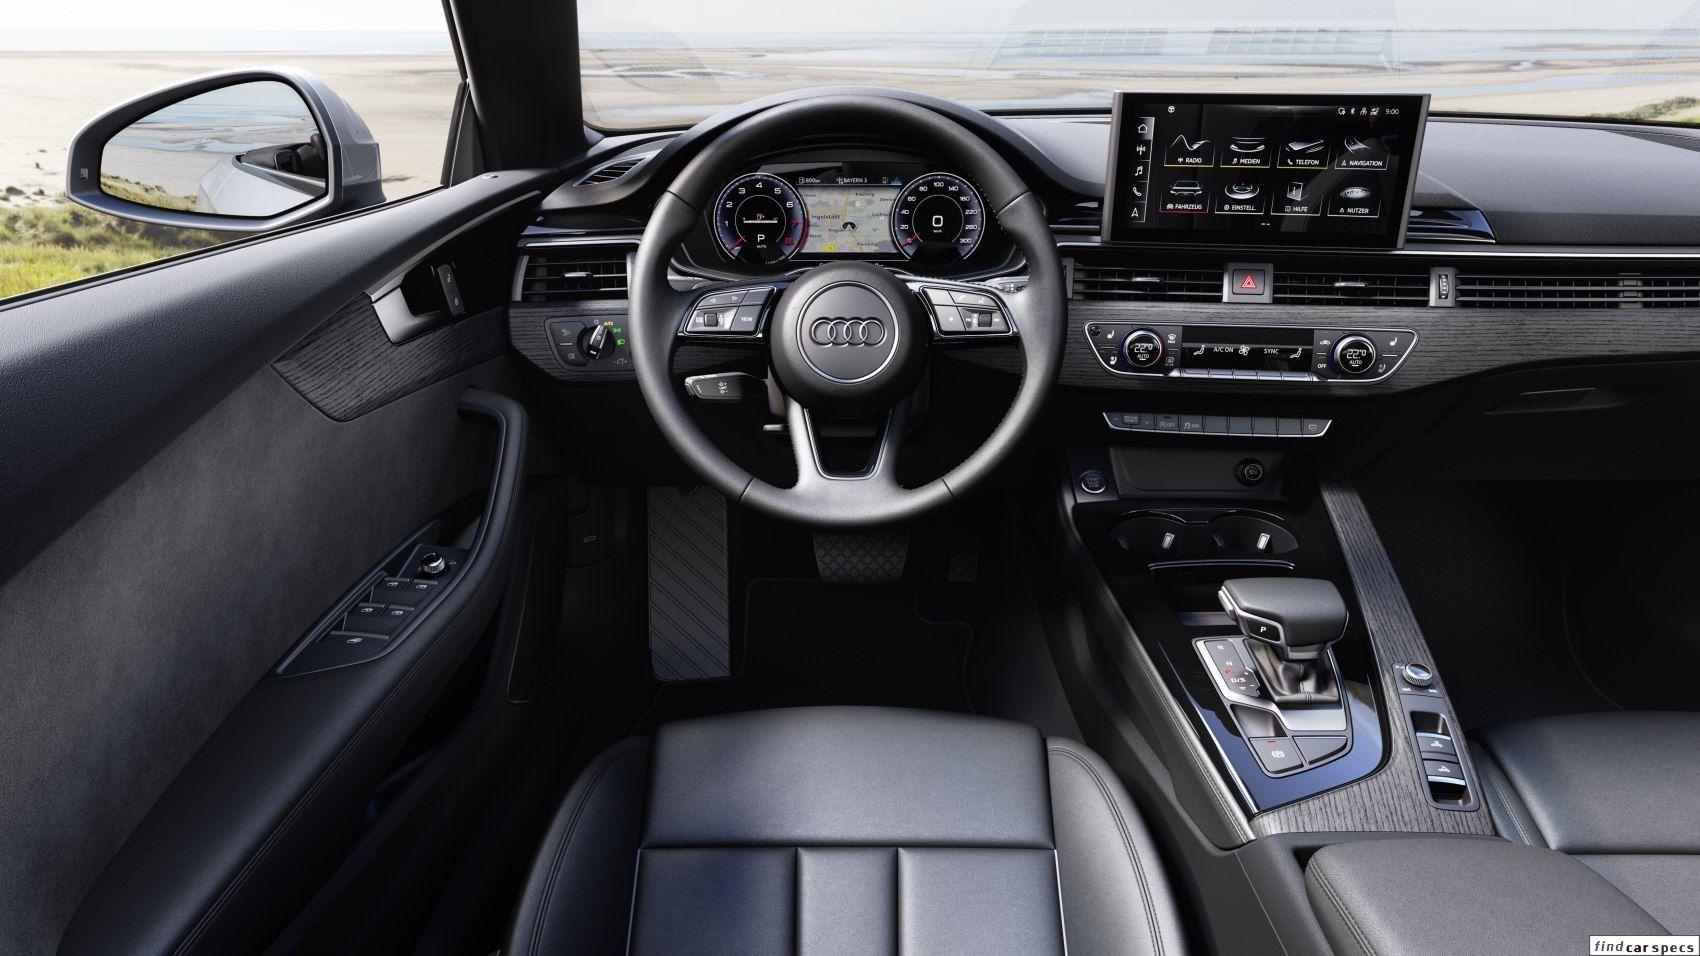 Audi A5 A5 Cabriolet 9t Facelift 2020 40 Tdi 190 Hp Quattro S Tronic Diesel 2019 A5 Cabriolet 9t Facelift 20 A5 Cabriolet Audi A5 Audi S5